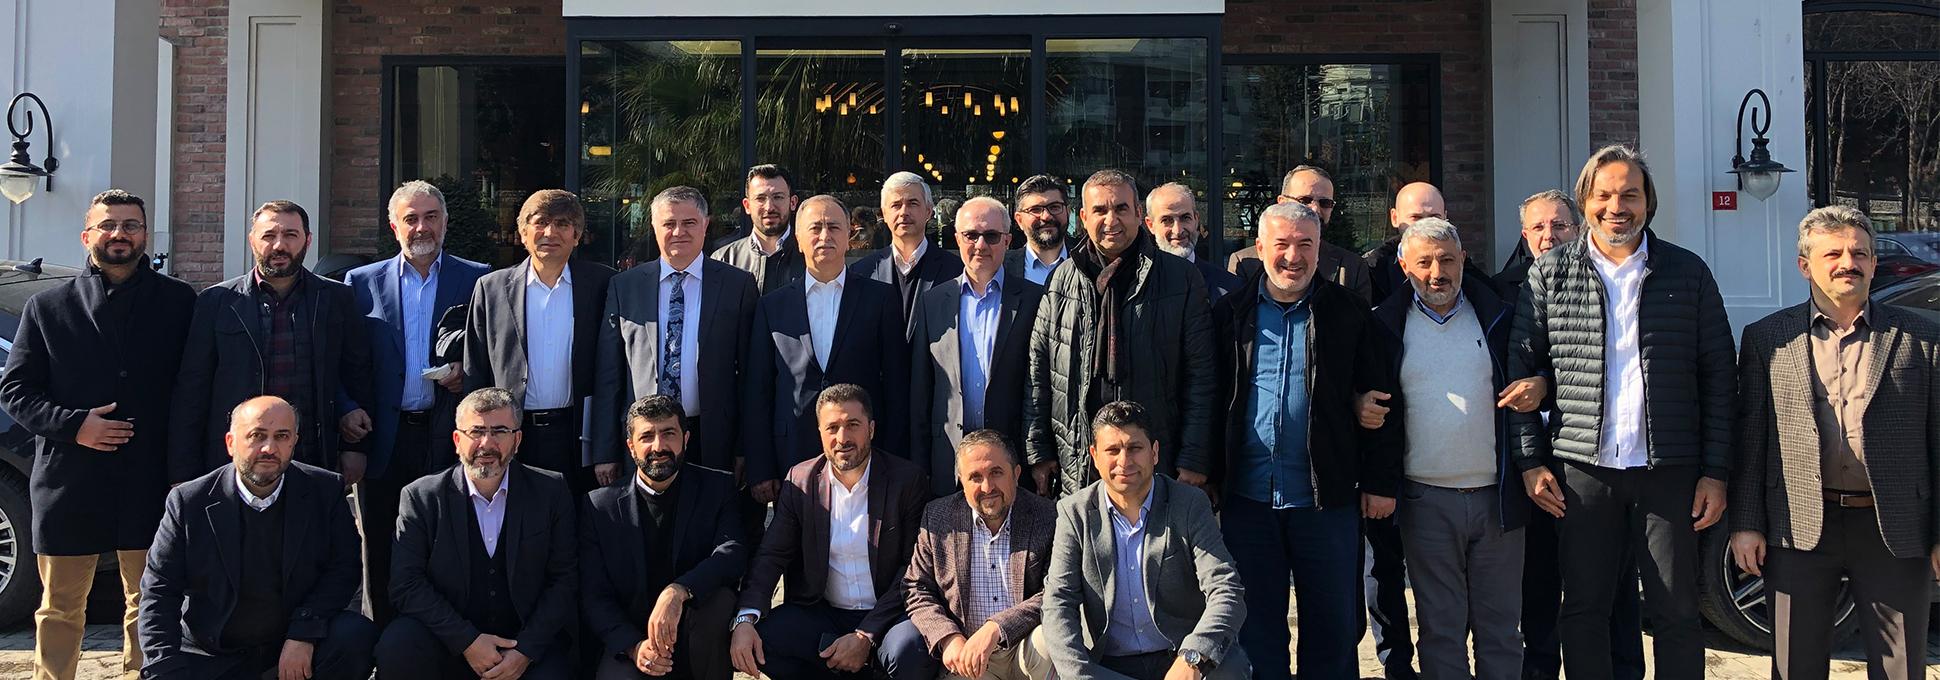 Genel İdare Kurulu Üyeleri Kahvaltılı Toplantıda Bir Araya Geldi